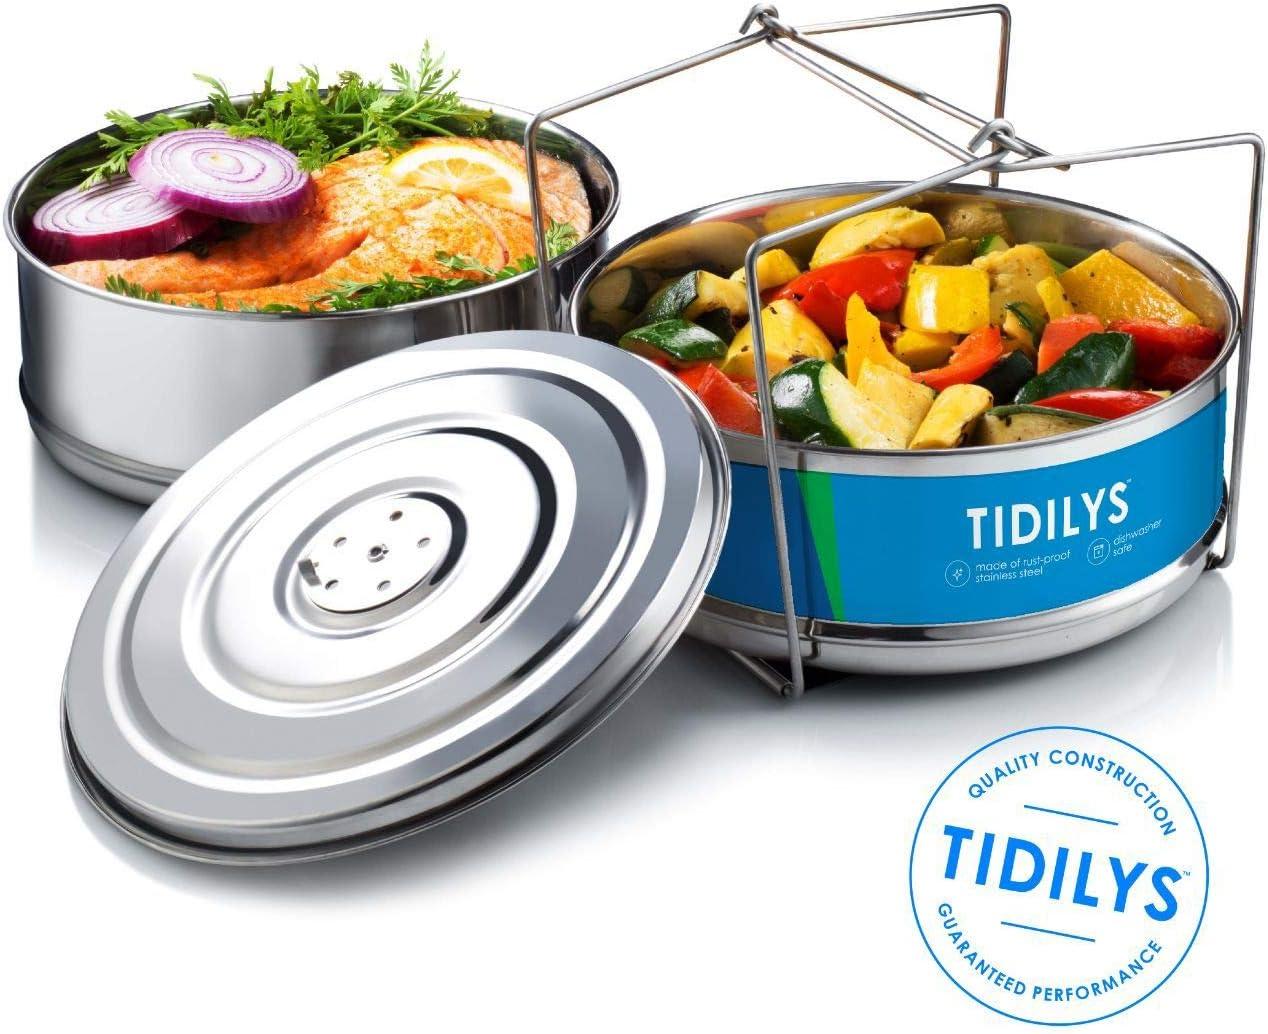 tidilys alta presión cocina vapor cesta con tapa apilable Instant Pot de acero inoxidable inserto Vapor verduras carne pescado arroz para 5, 6, 8 Quart Ollas Dual sistema de dos pisos de